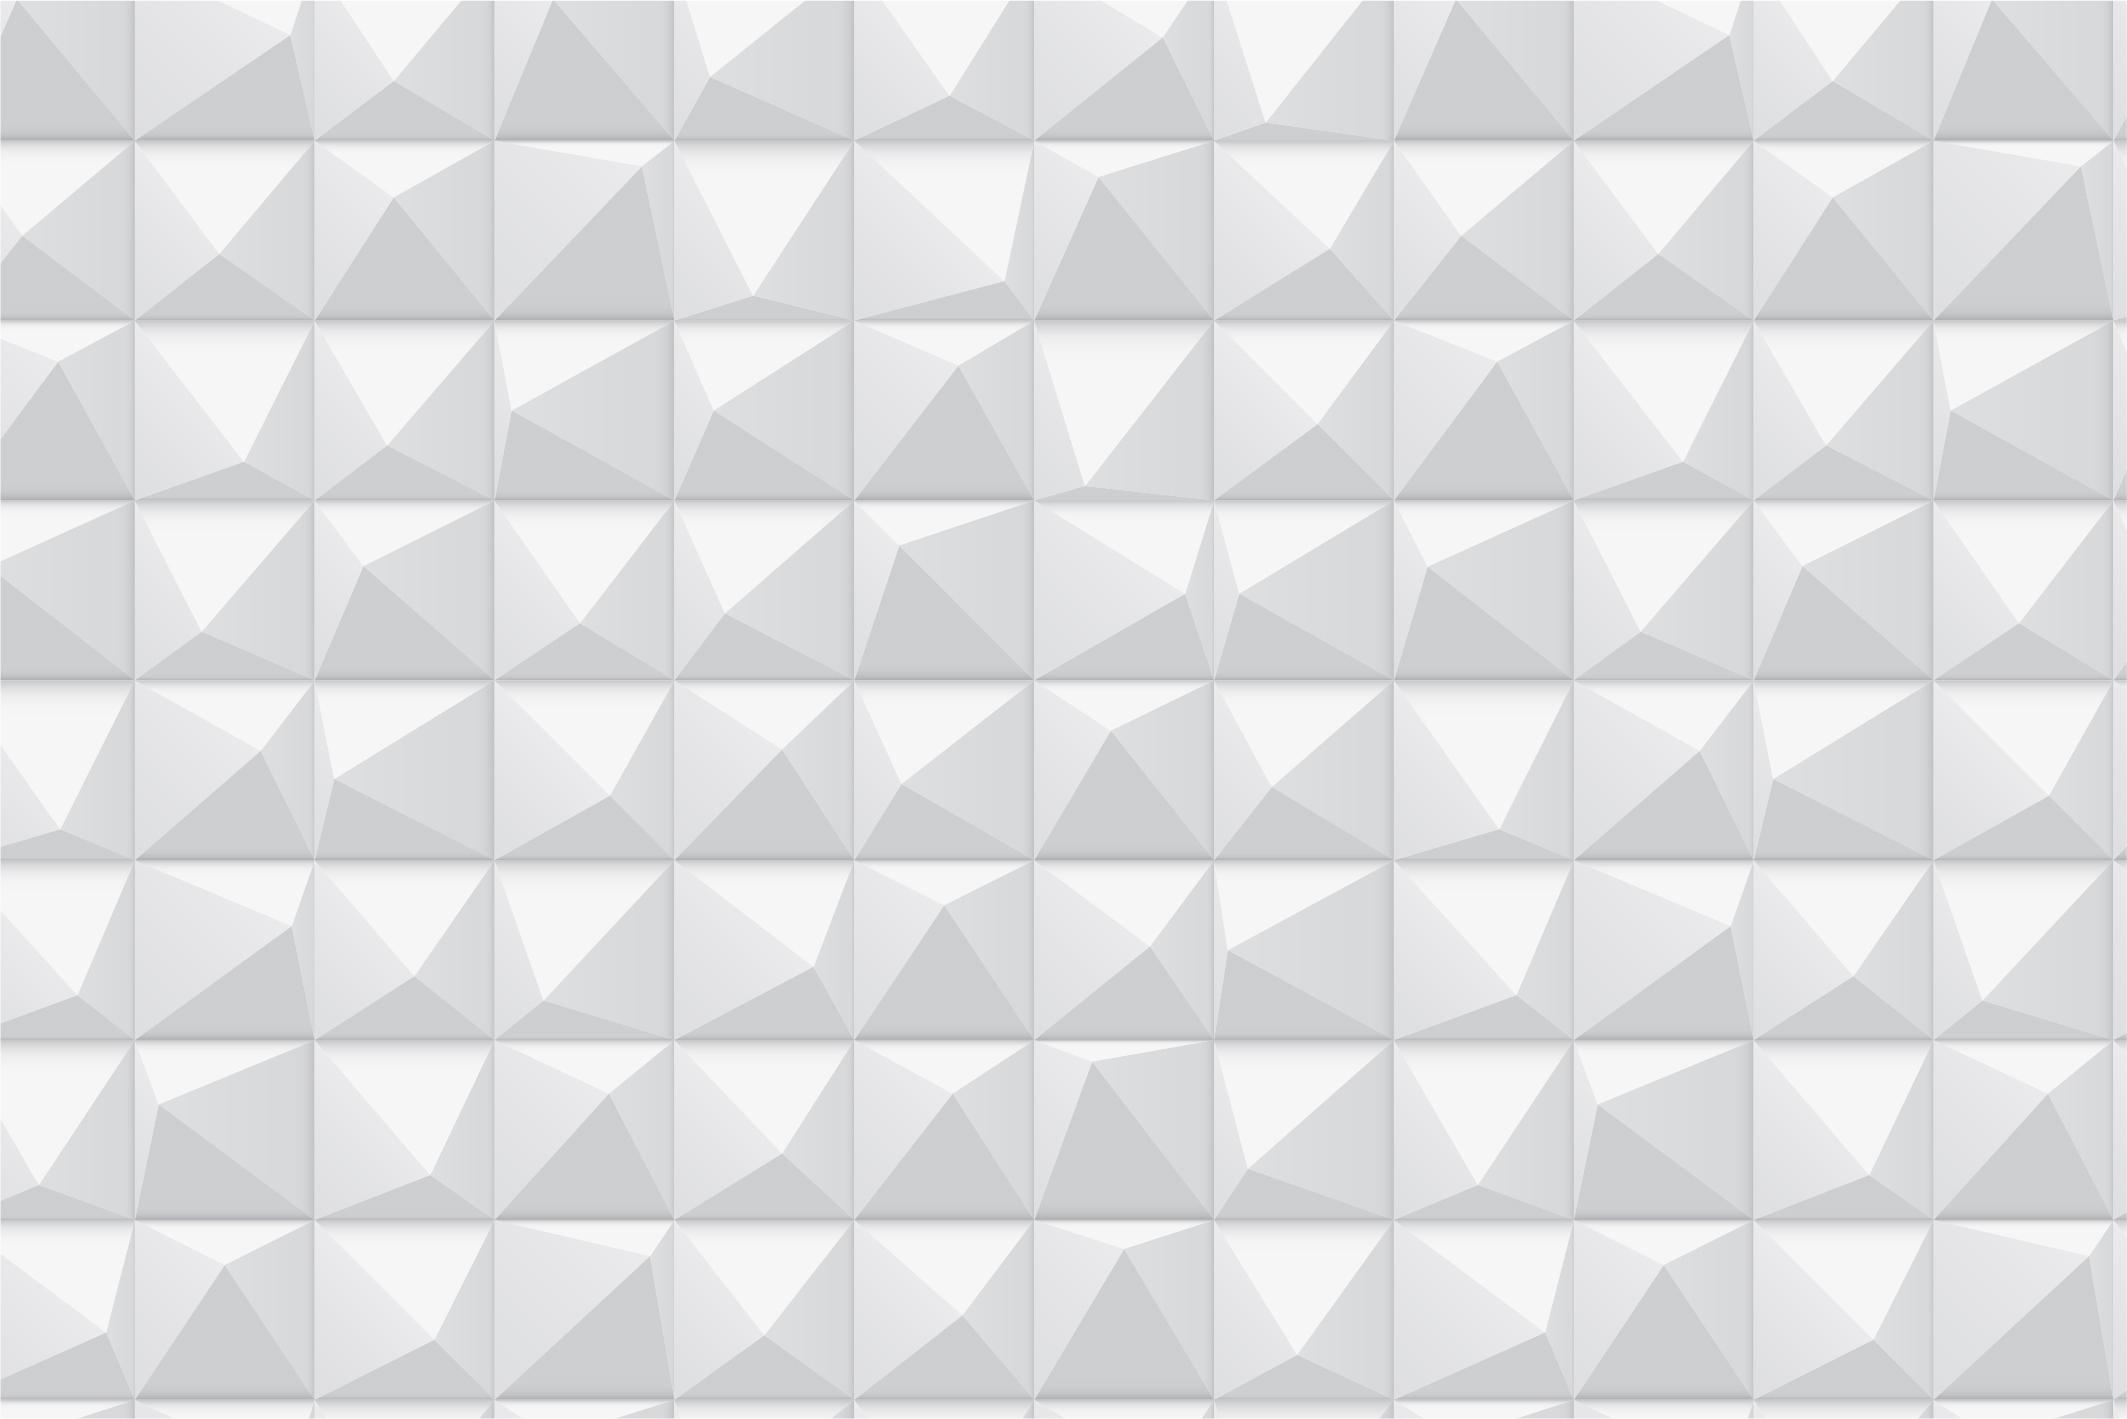 White seamless textures example image 10